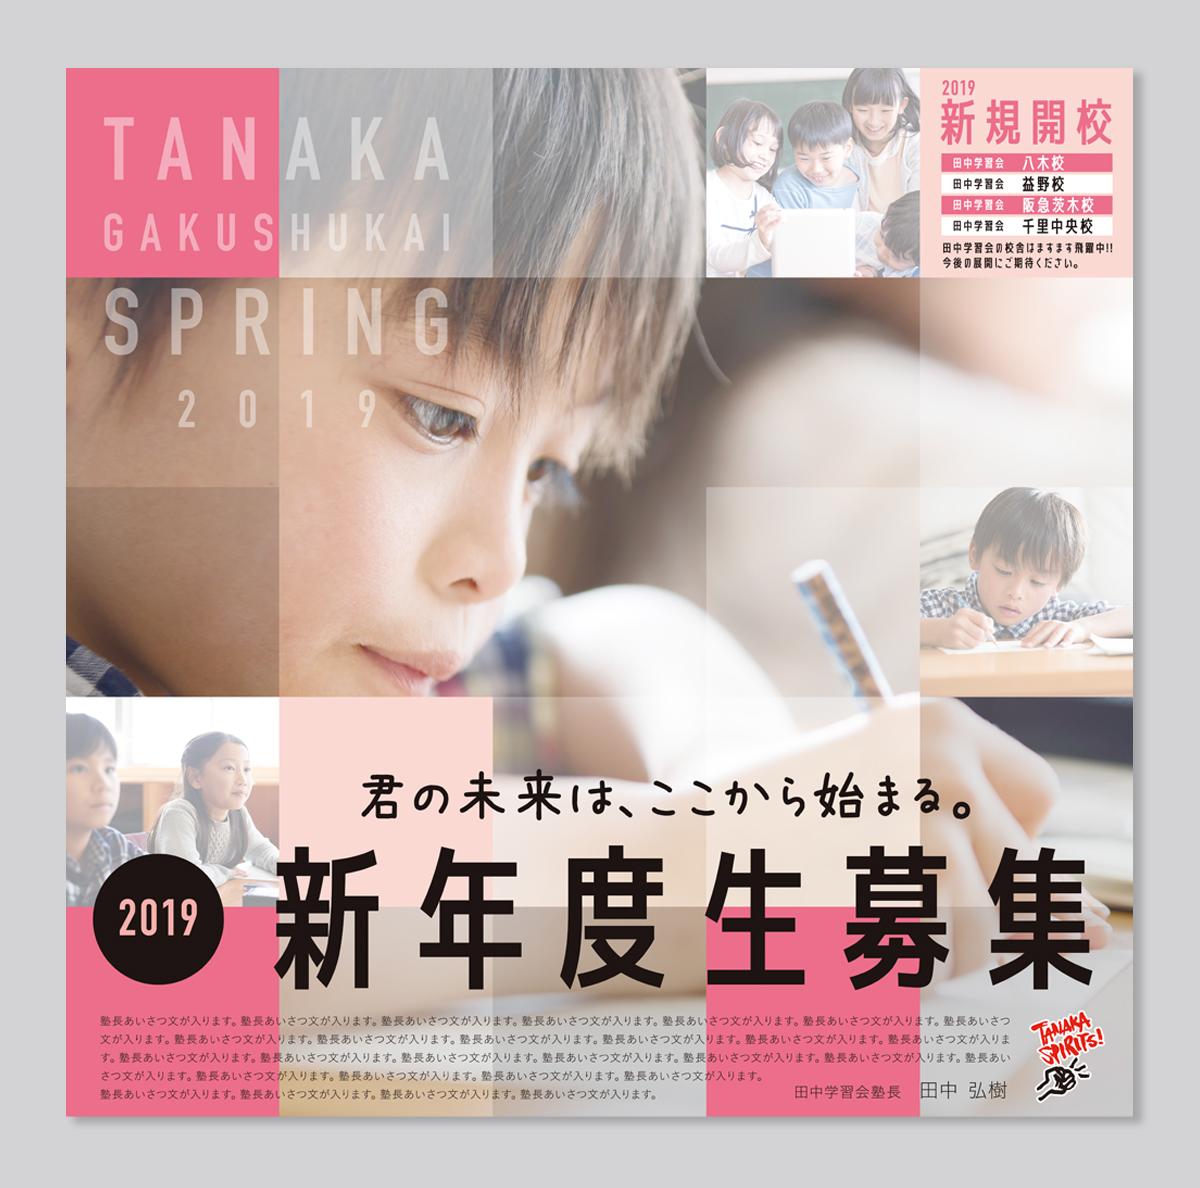 田中学習会2019新年度制募集メインビジュアル